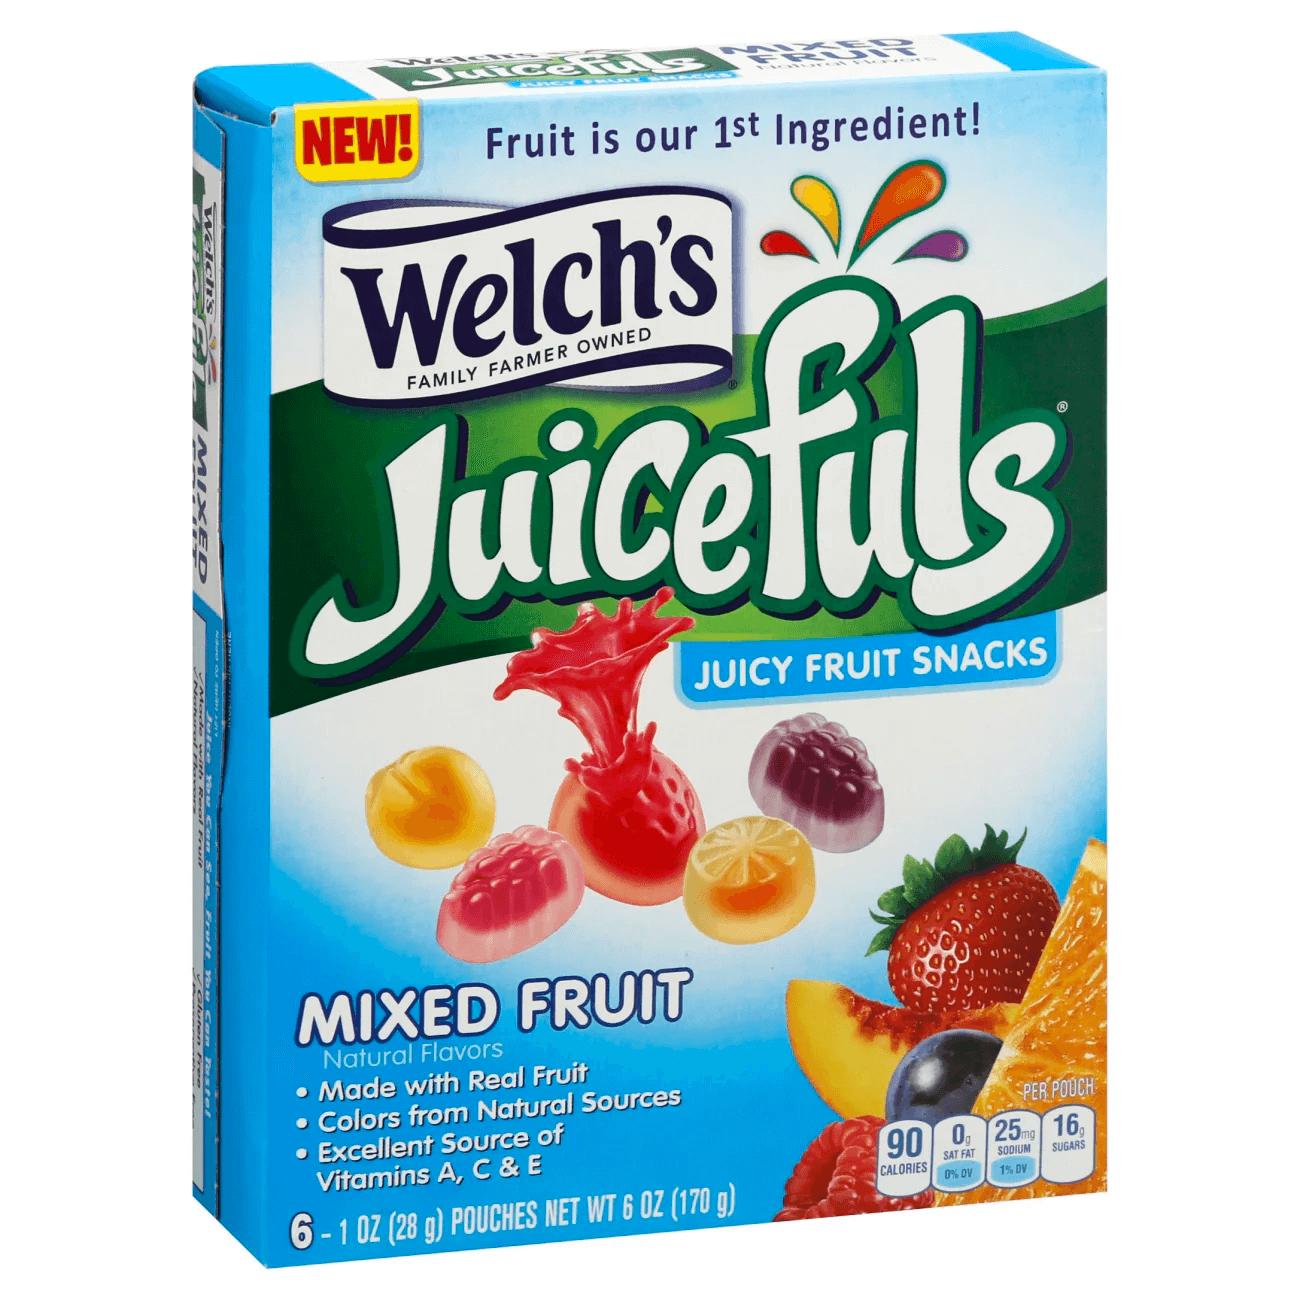 welchs juicefuls fruit snacks